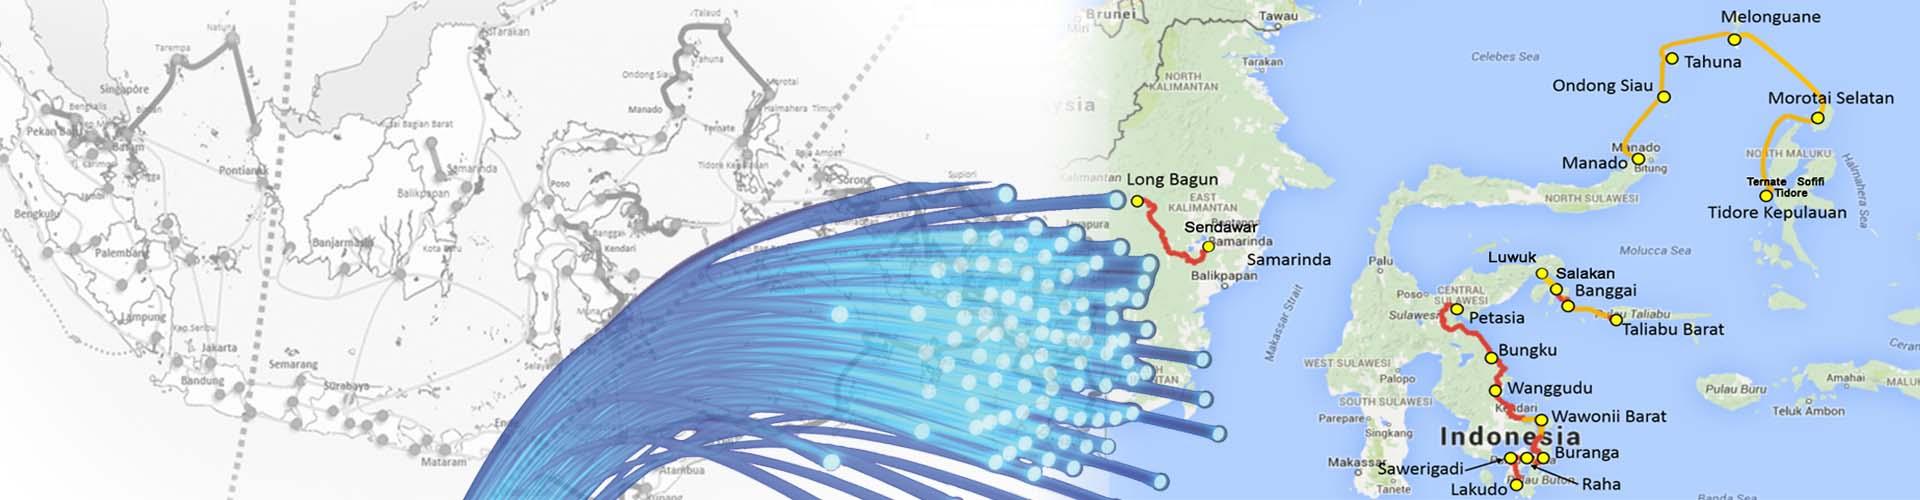 Fiber Optik Darat dan Bawah Laut